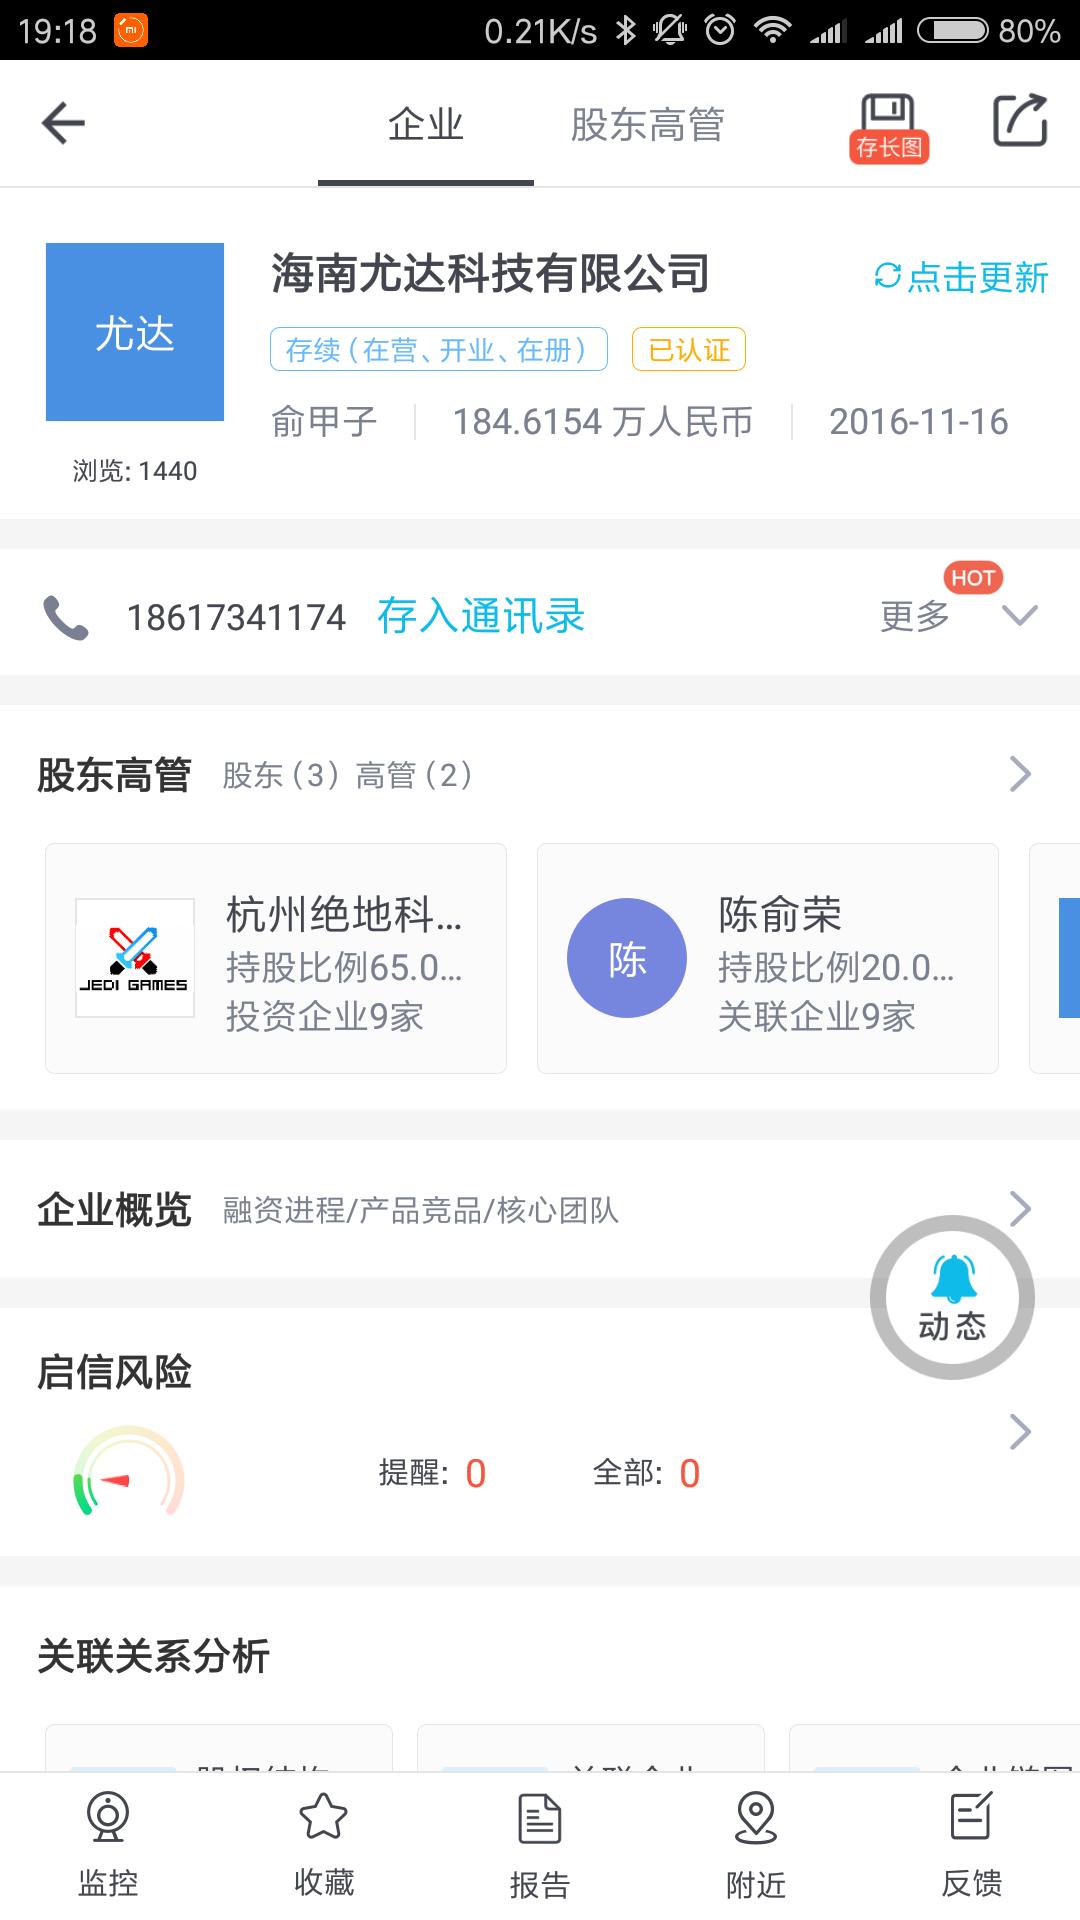 Screenshot_2018-08-25-19-18-13-798_com.bertadata.qxb.png